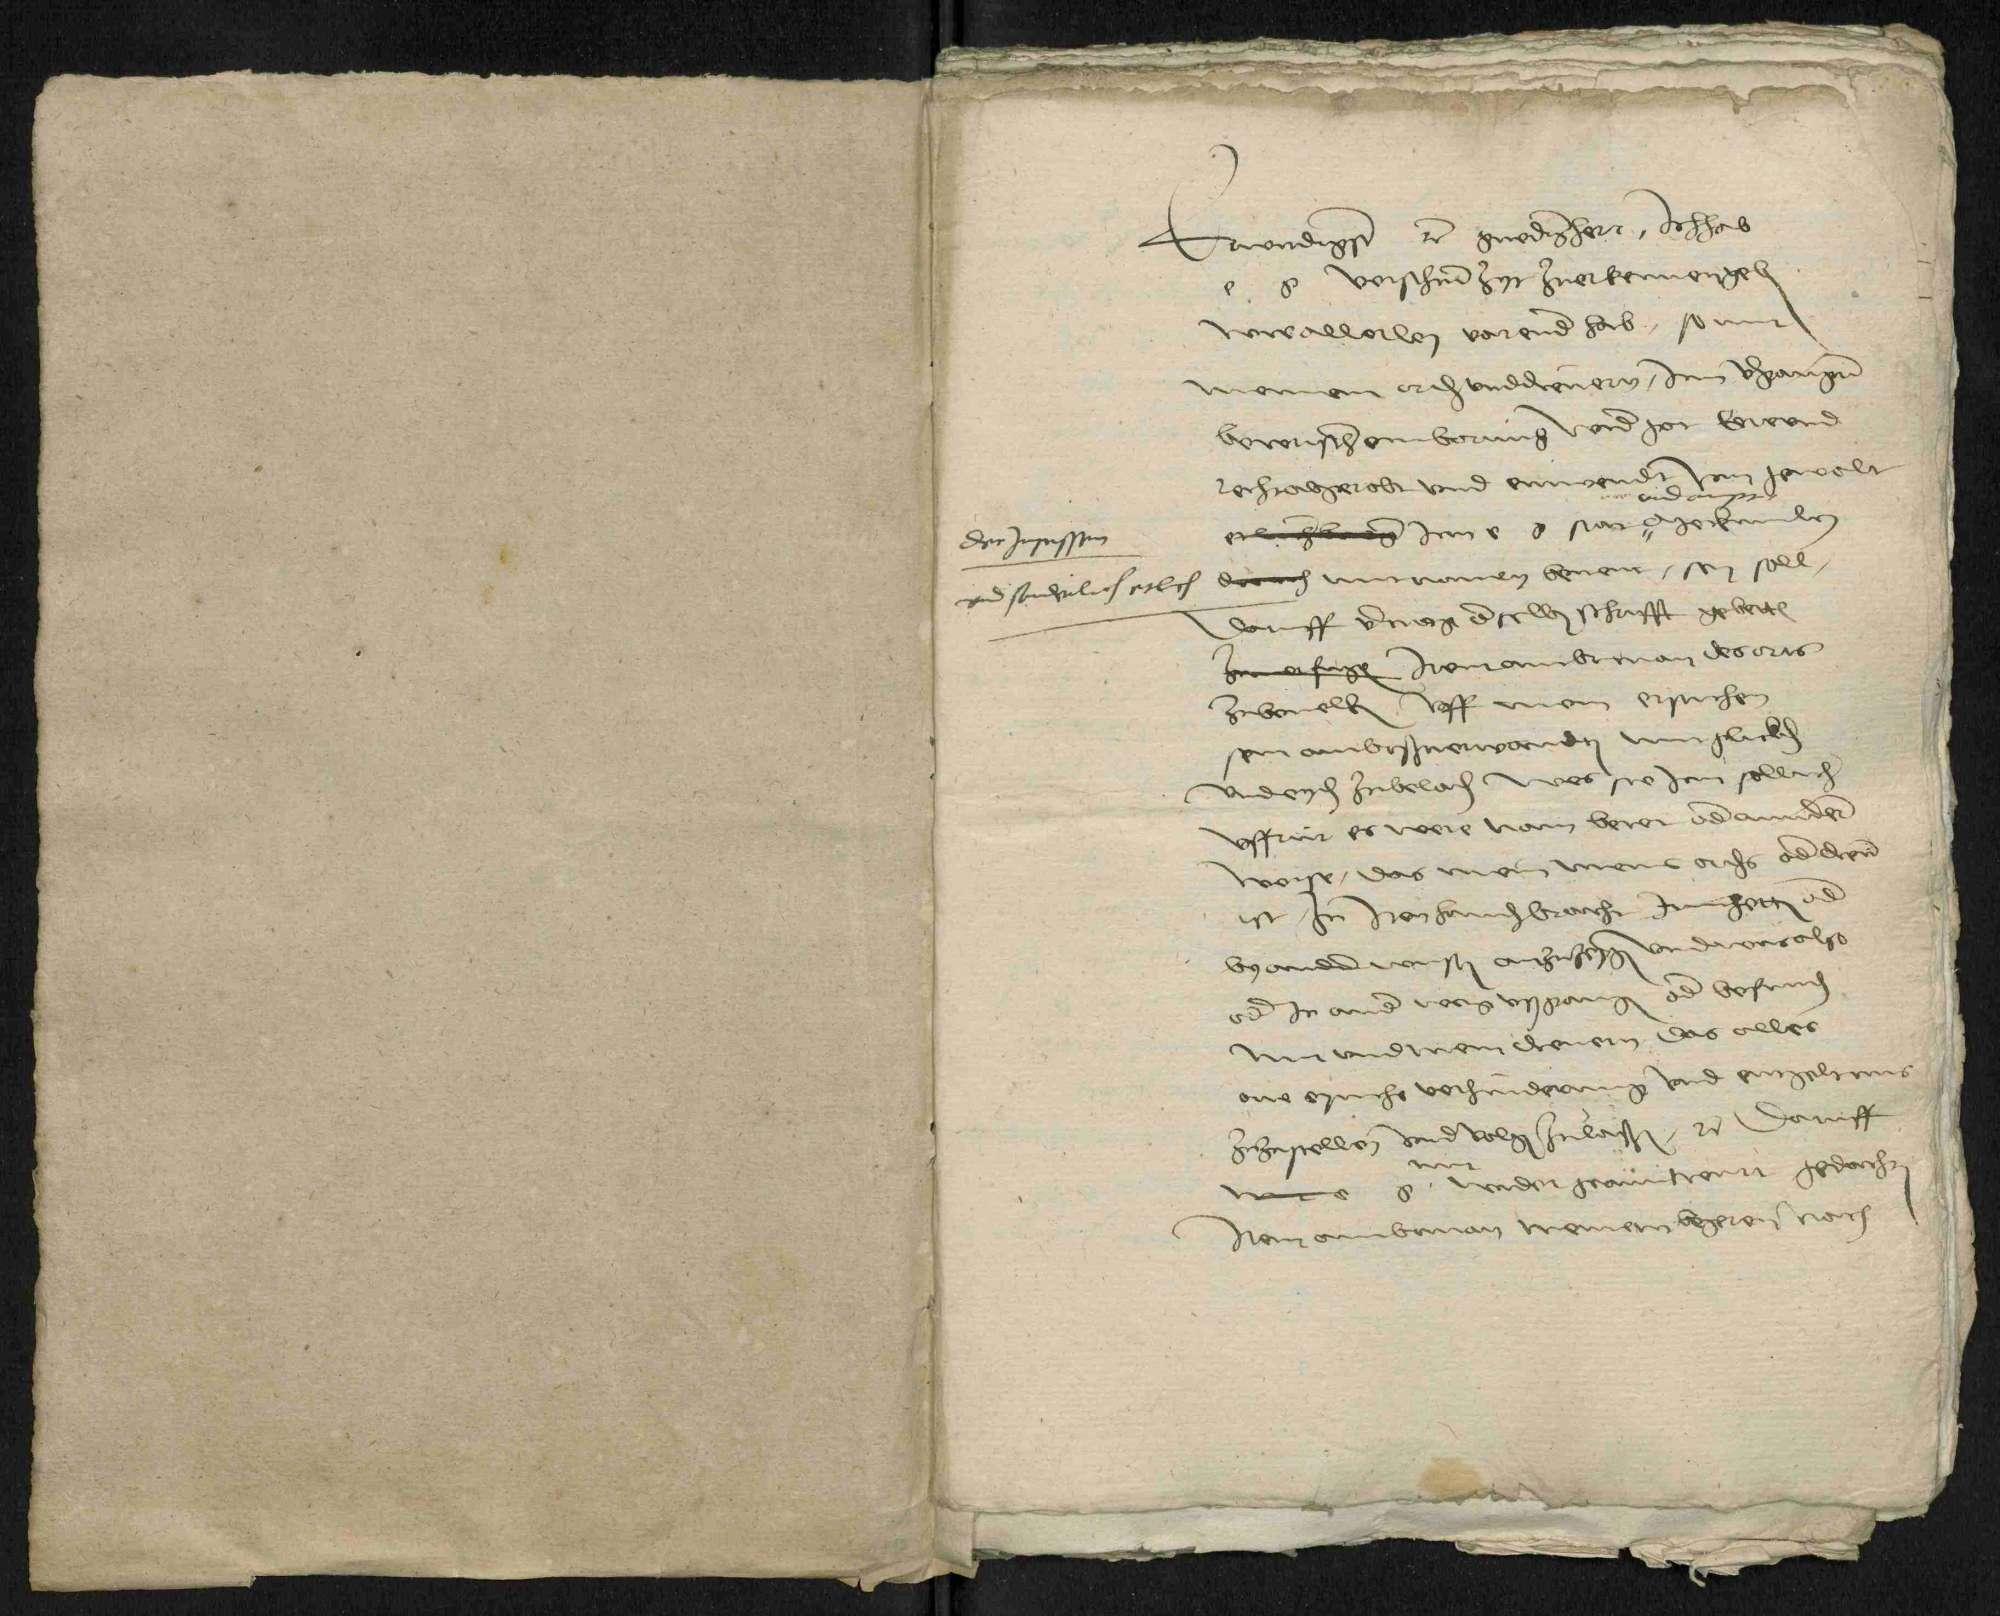 Entschädigungsforderungen zwischen dem Deutschen Orden und benachbarten Adeligen und Gemeinden, Teil III, Bild 3